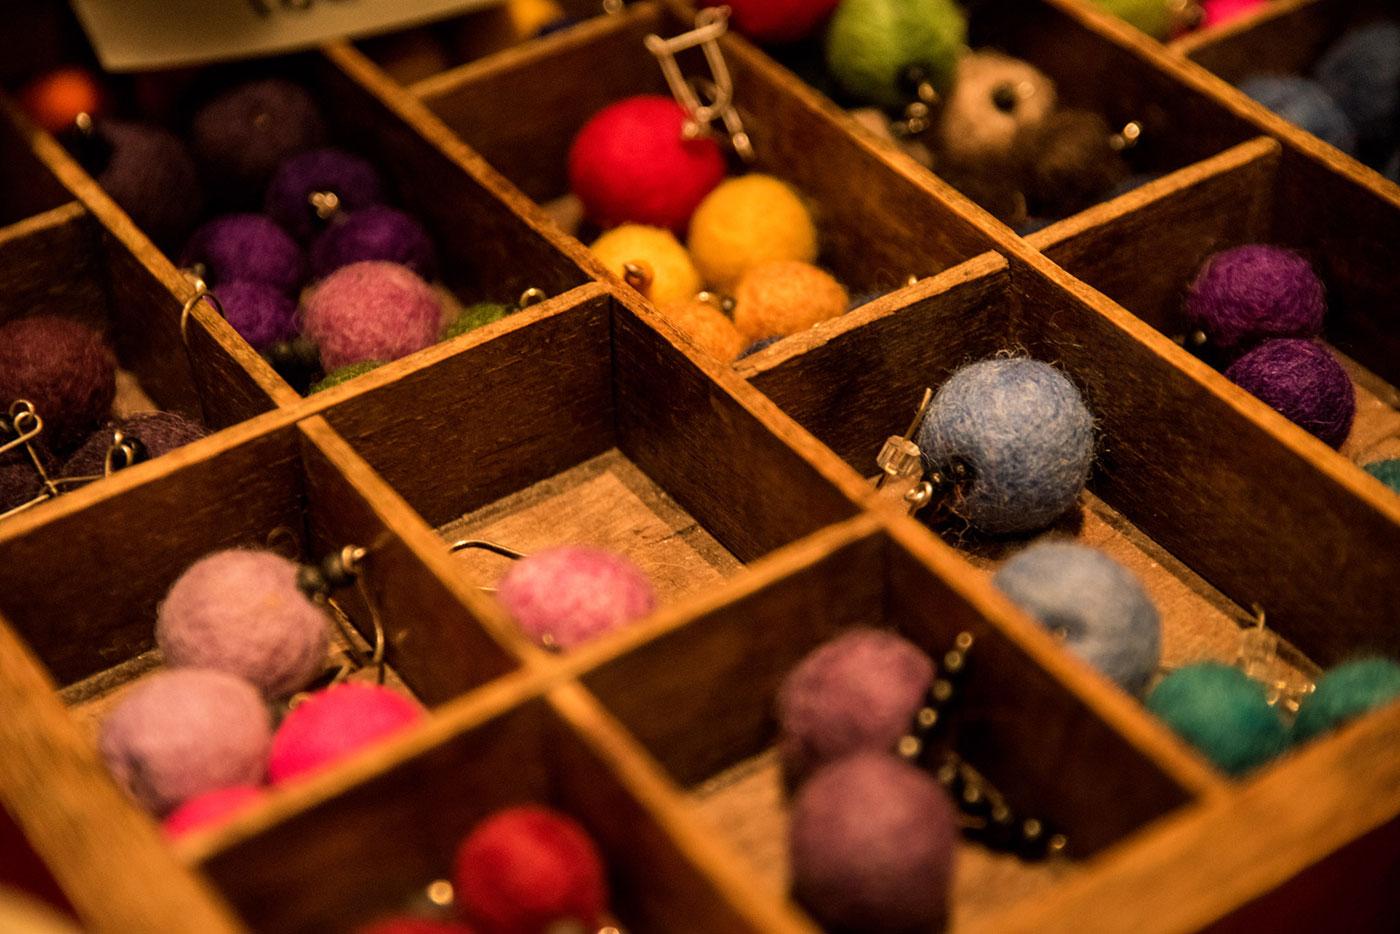 valikoima - Valikoima myytävistä tuotteista on todella laaja. Löytyy koruja, laukkuja, pyyhkeitä, sukkia, villasta huovutettuja hattuja, käsin kudottuja mattoja, ovi kransseja,katajasta tehtyjä keittiövälineitä, lastenleluja, keramiikkaa vaikka saunan kiukaalle, metsäntonttuja, herkkuja joulupöytään ym. ym.Sisällä myyjiäon noin 130 kpl kahdessa kerroksessa, myös ulkoa löydät myyntikojuista havutöitä, keramiikkaa, nahkahansikkaita, suolaisia ja makeita herkkuja..